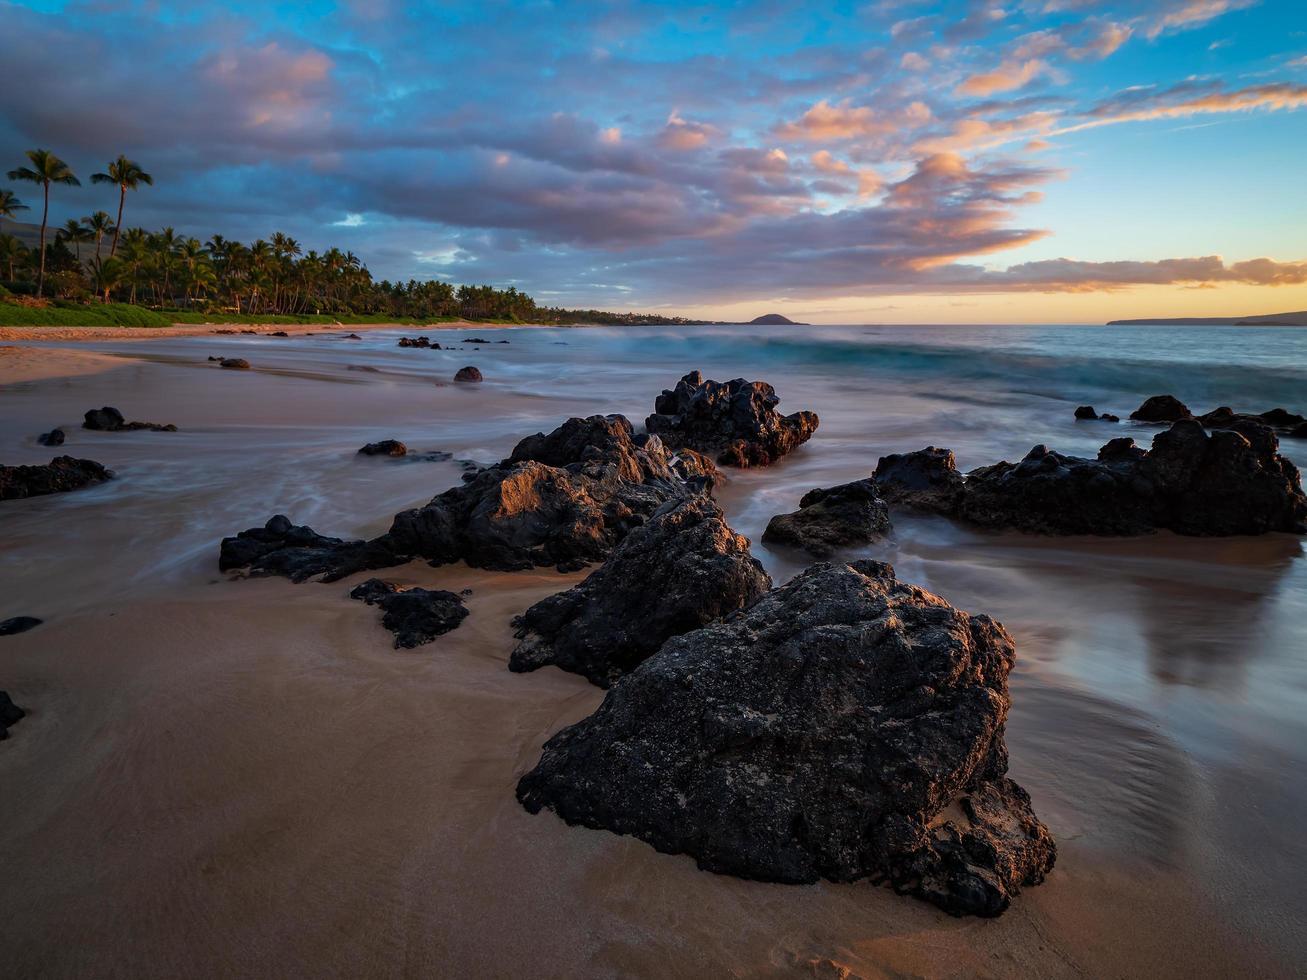 braune Felsen an der Küste foto